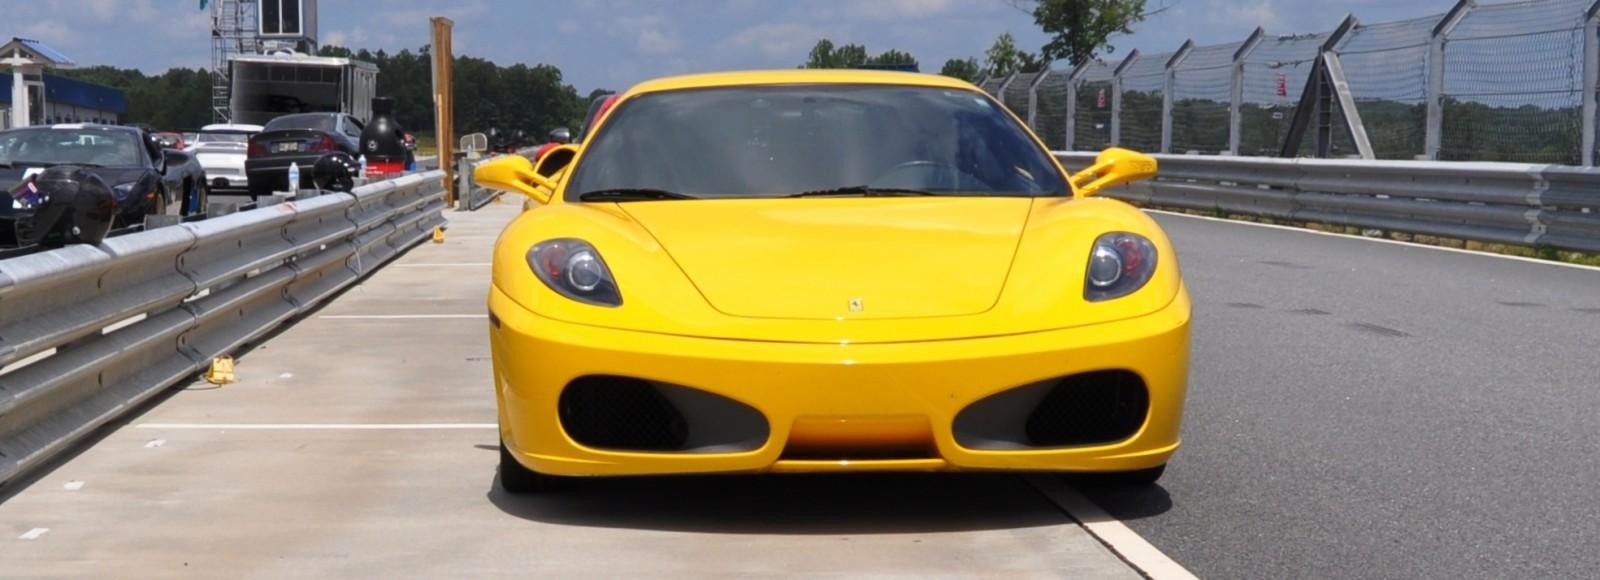 Beating the Supercar Paradox - 2007 Ferrari F430 at Velocity Motorsports Supercar Track Drive 35